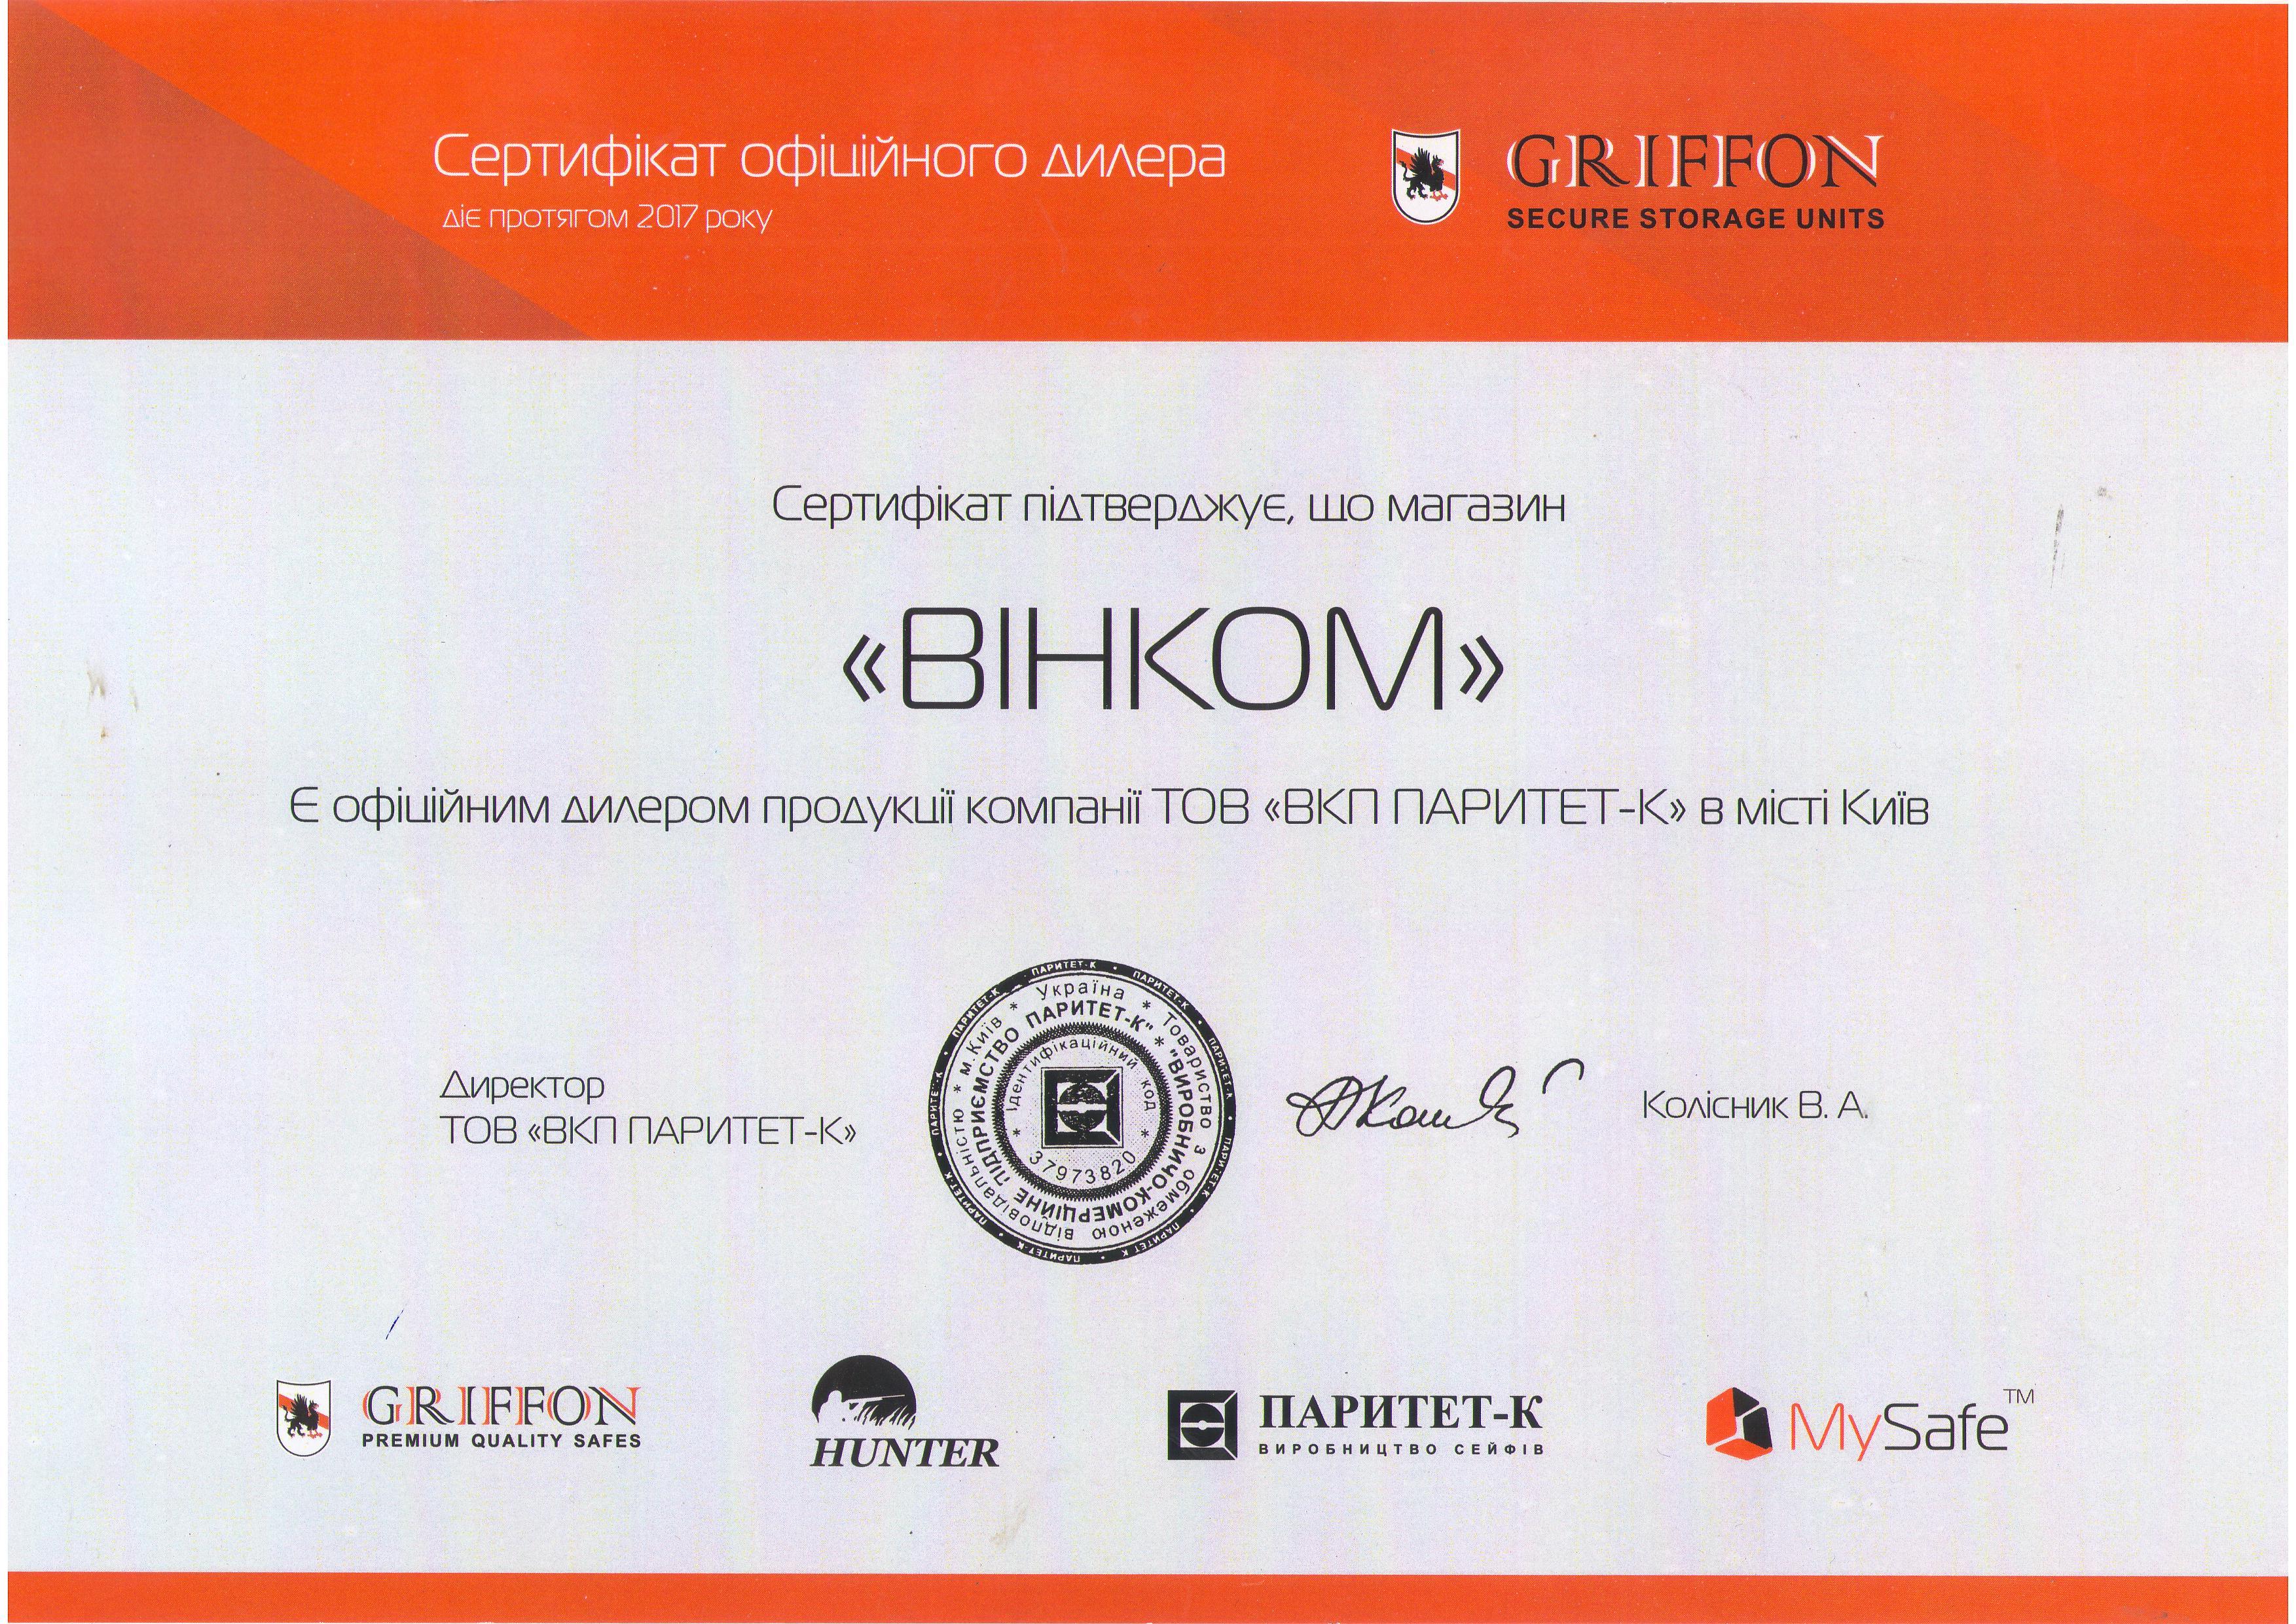 Сертификат1 Vincom